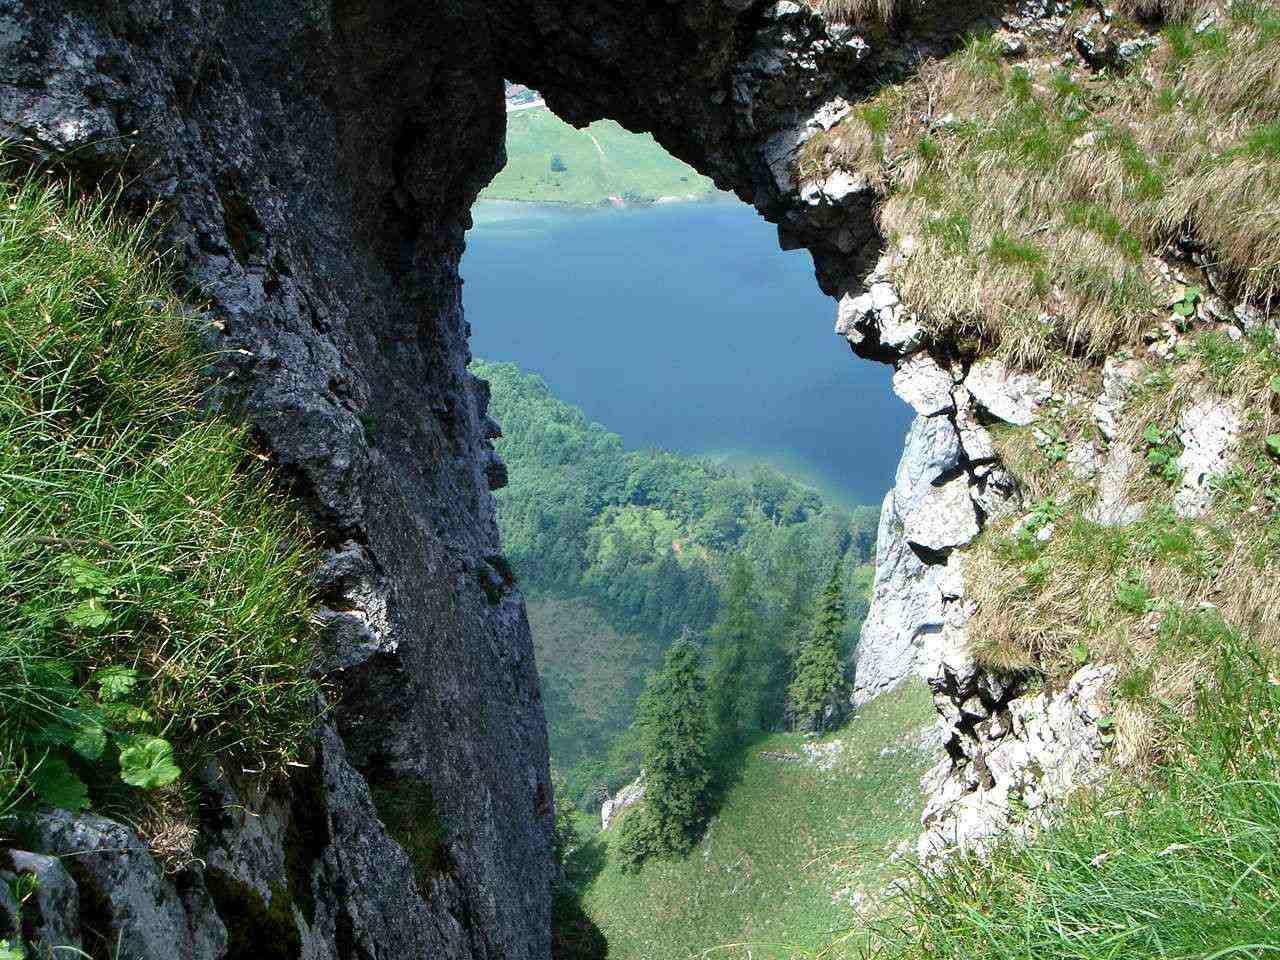 Foto: Manfred Karl / Wander Tour / Vom Franzl im Holz auf den Katzenstein / Tiefblick auf den Laudachsee. / 03.06.2007 21:08:50